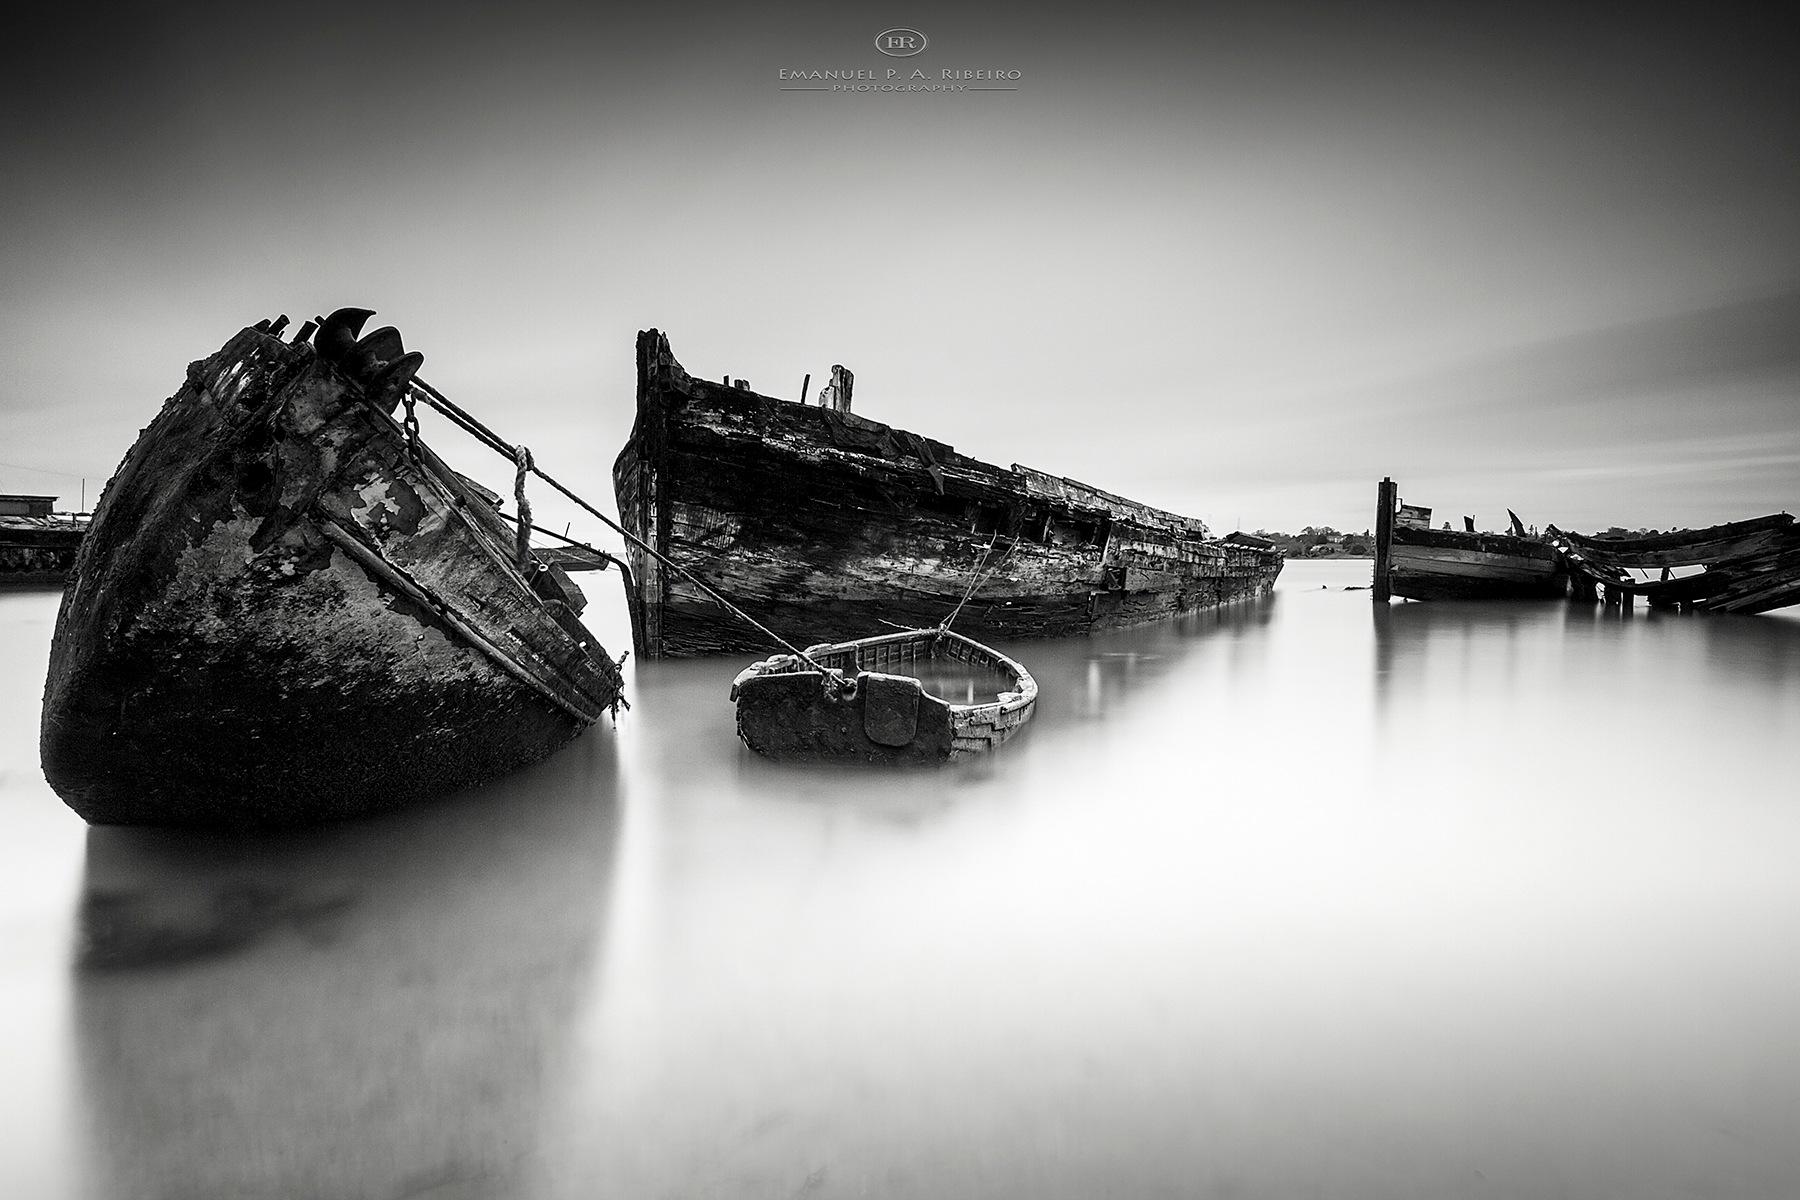 perishing boats by Emanuel Pereira Aparicio Ribeiro